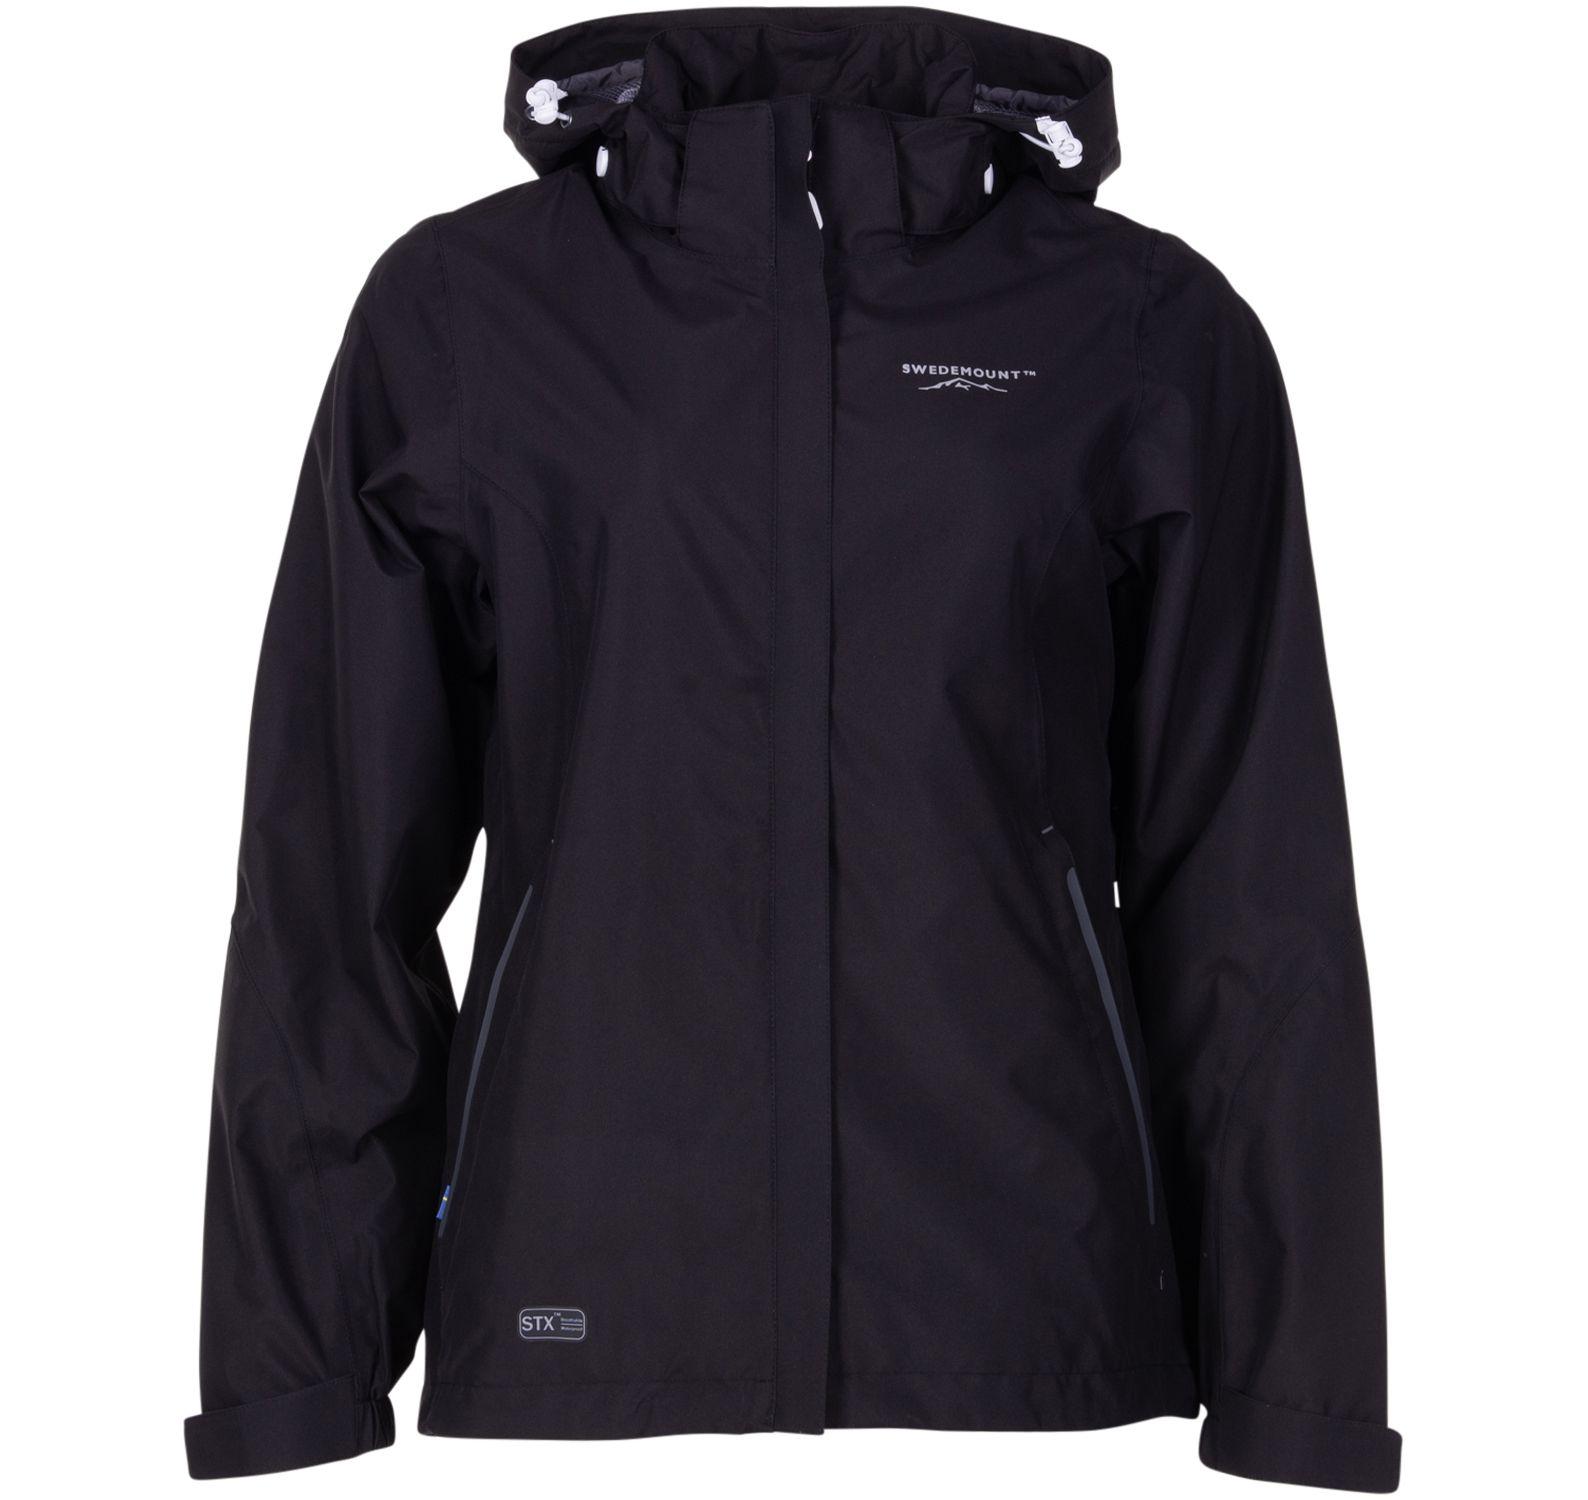 käringön jacket w, black, 36, regnkläder